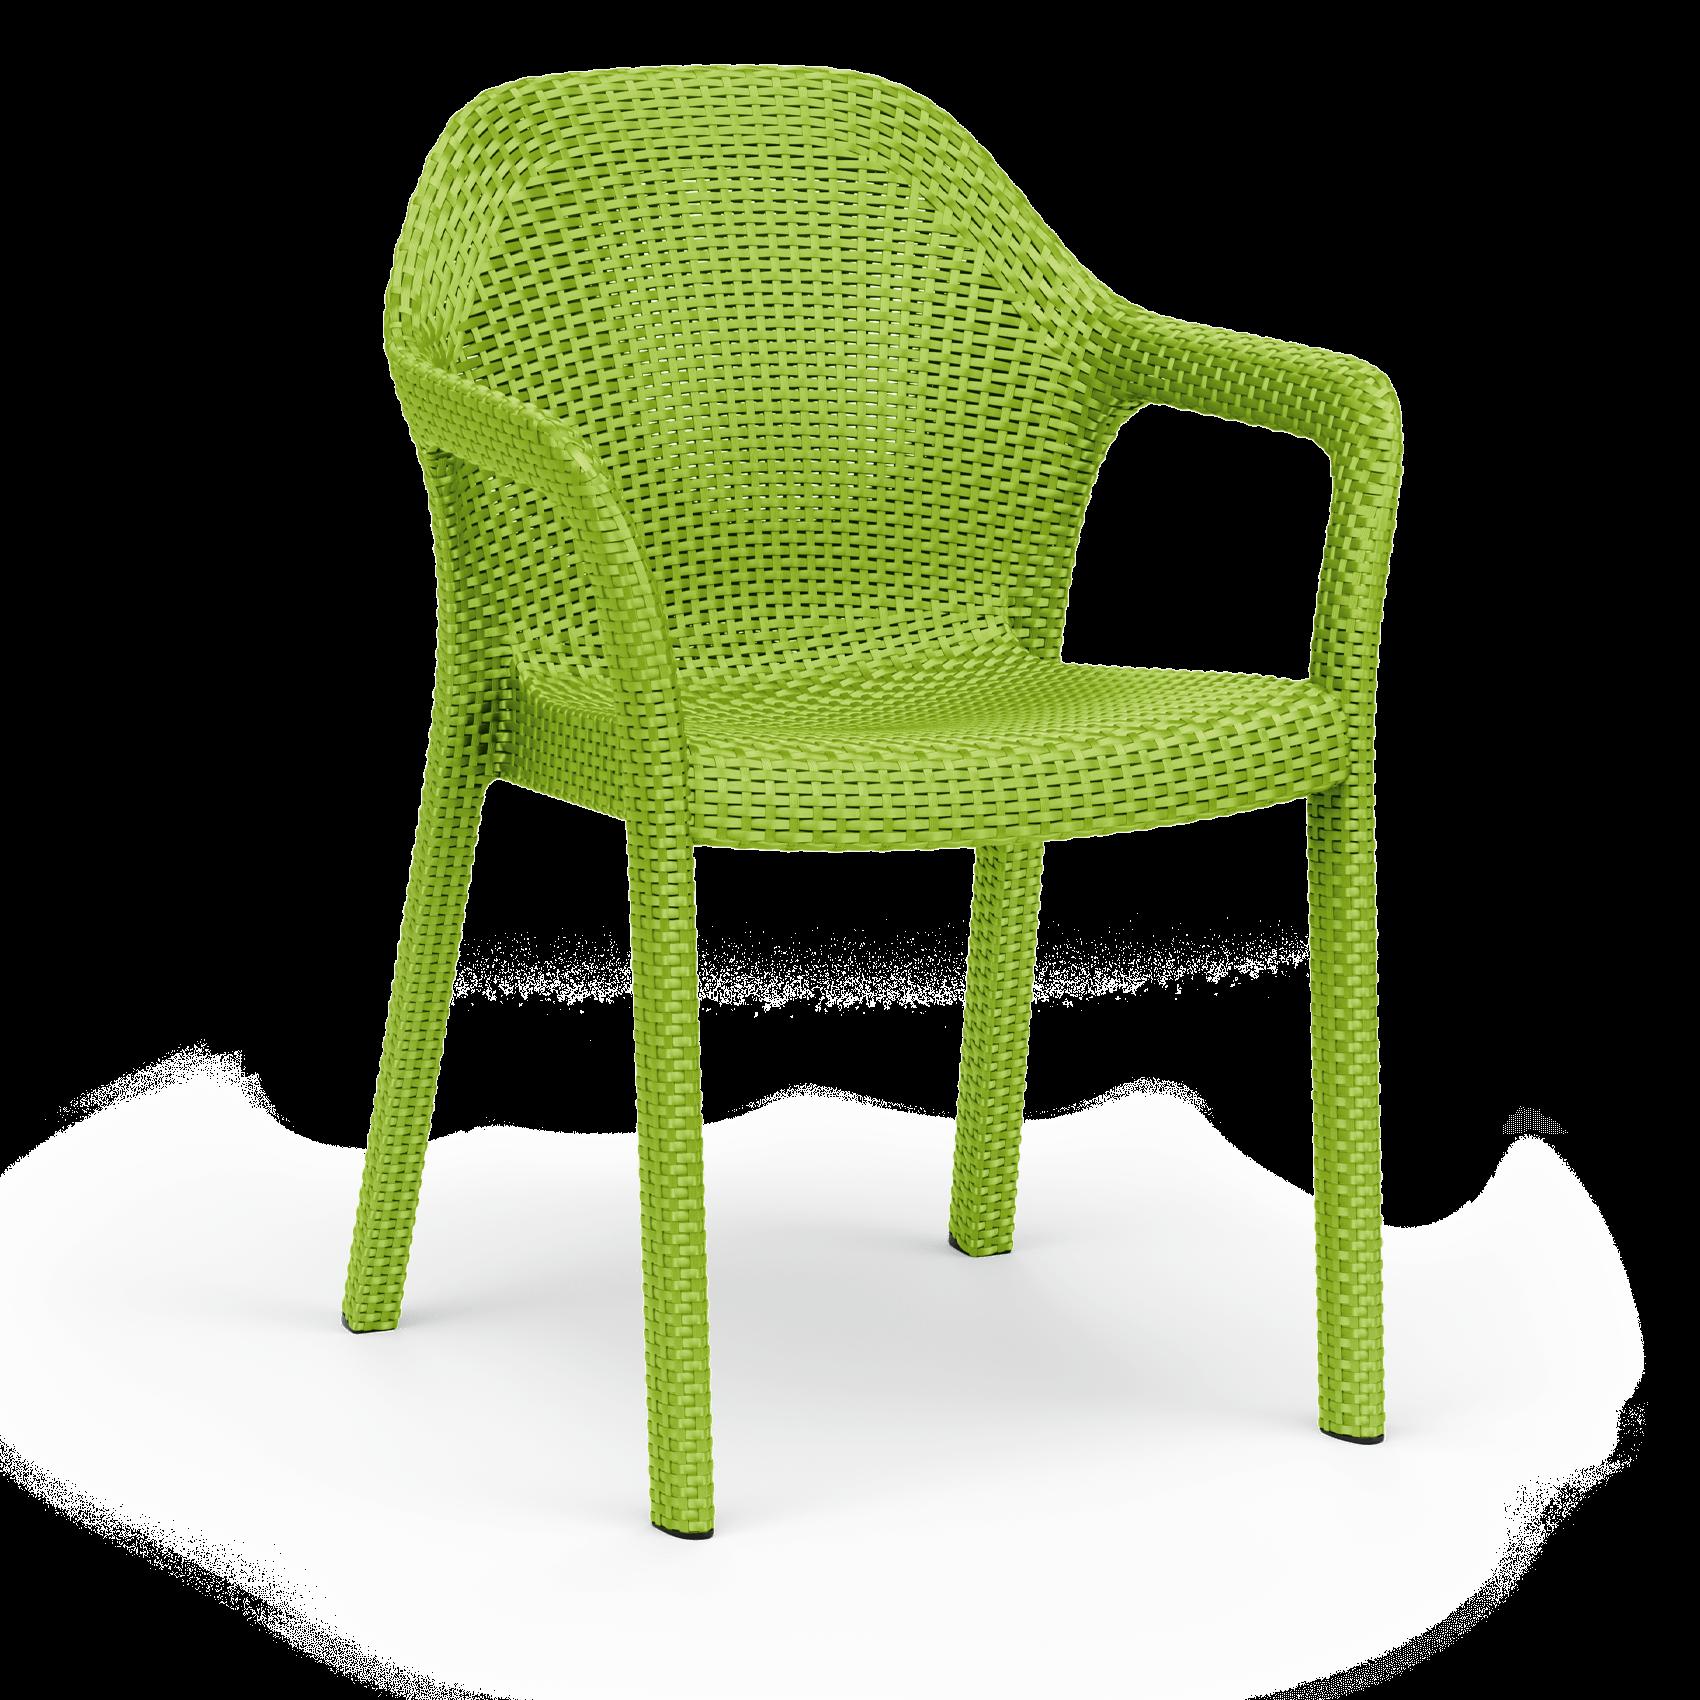 Στοιβαζόμενη καρέκλα apple green